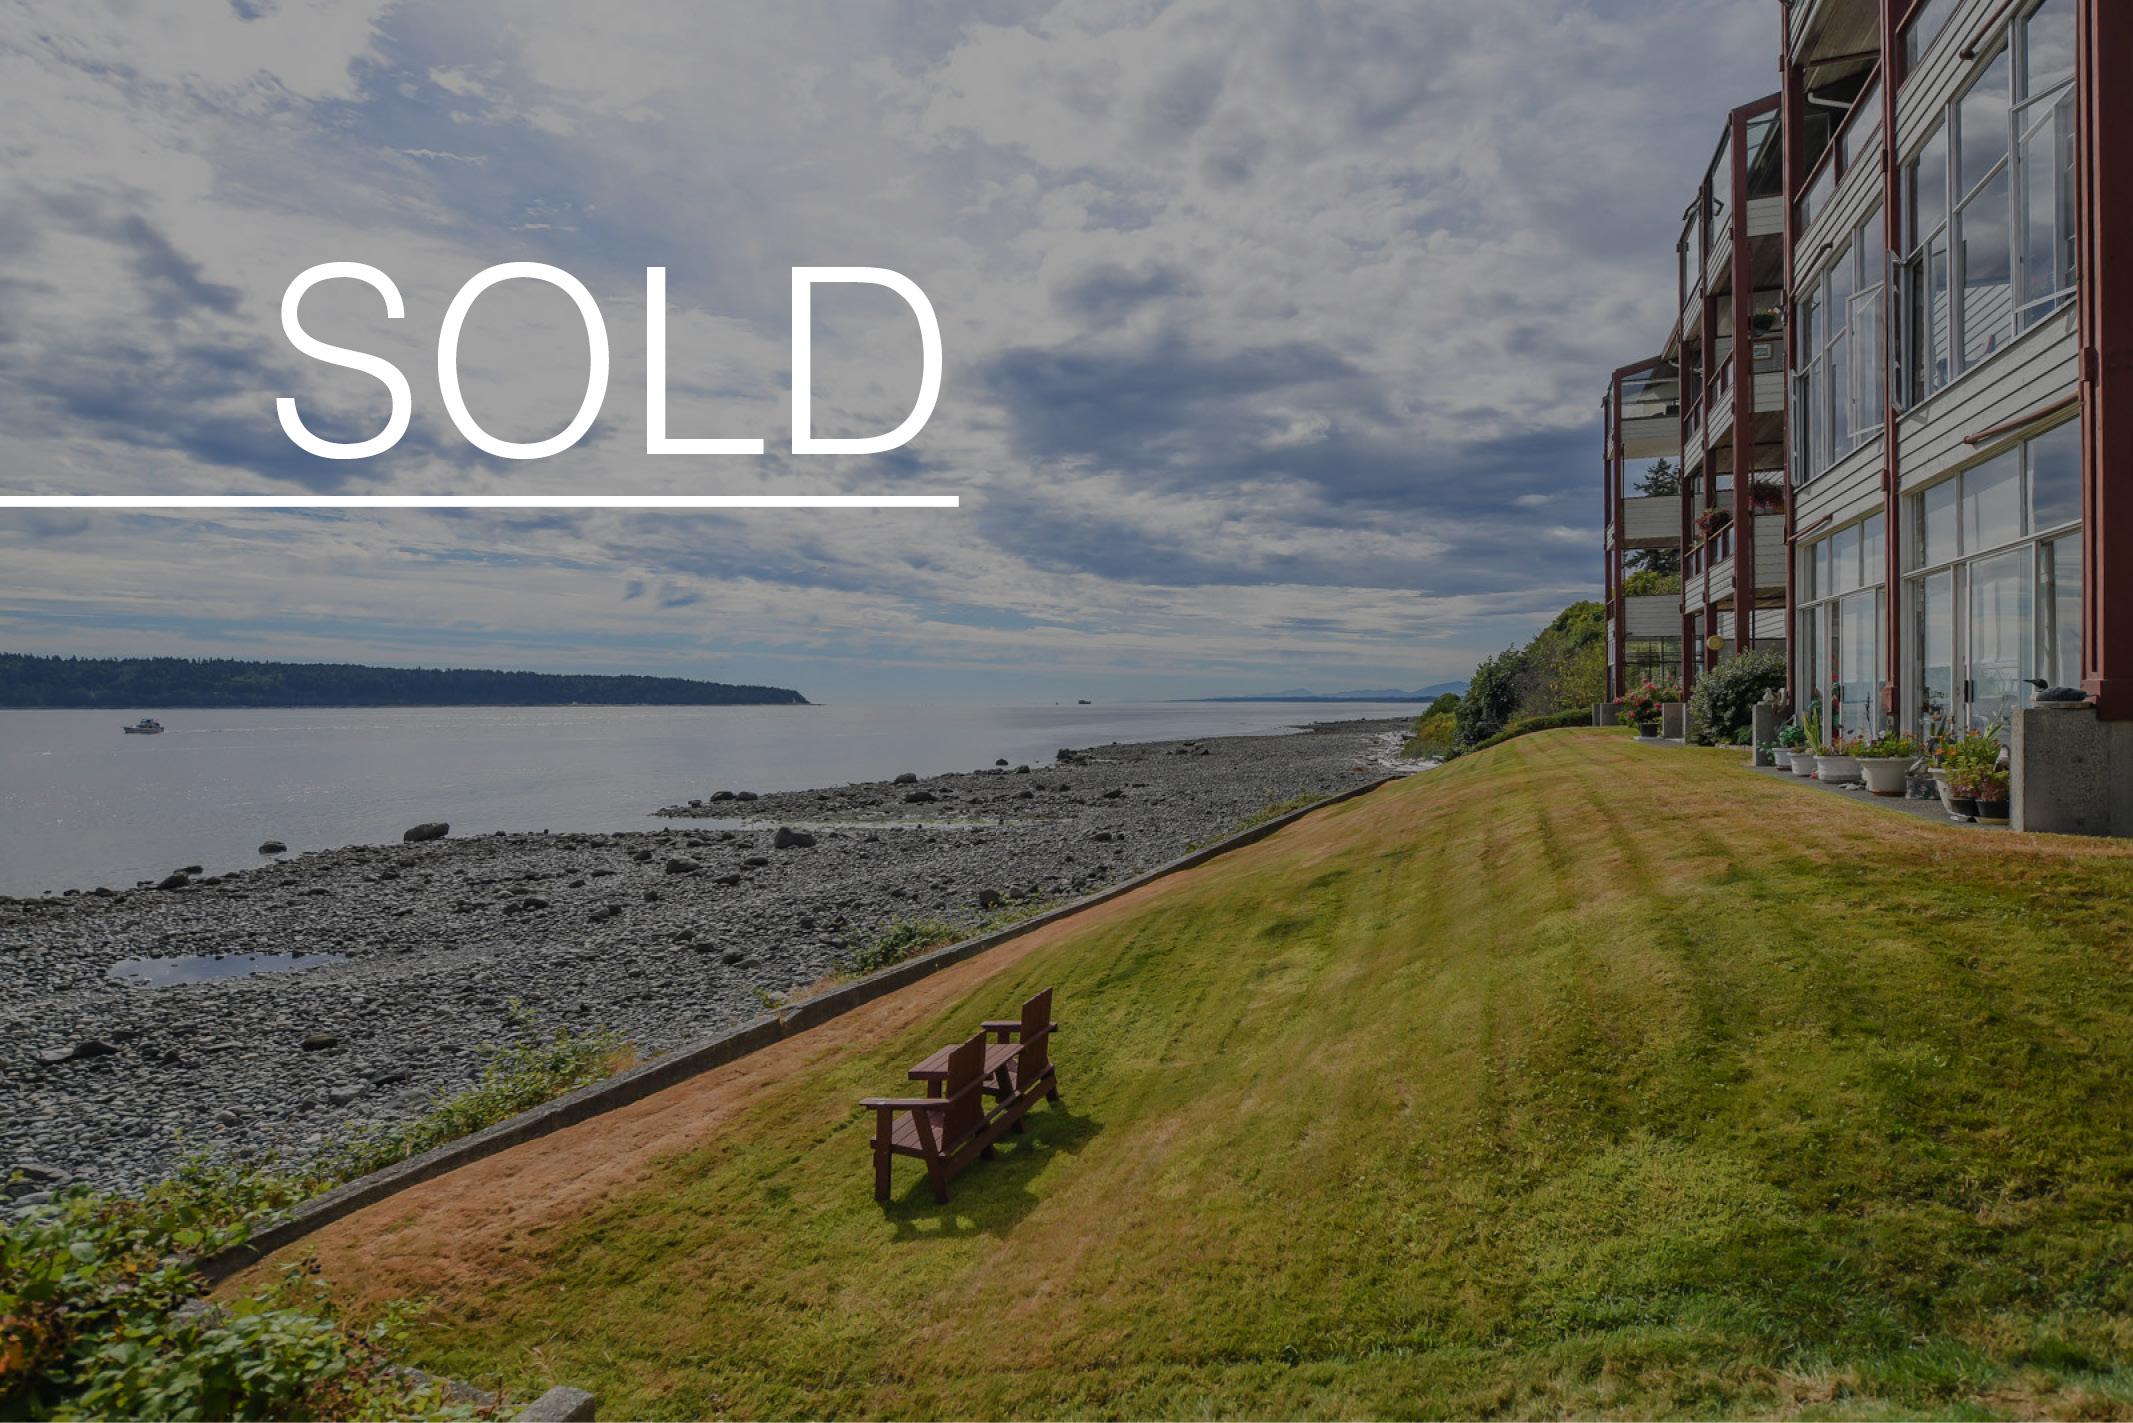 Sold - website